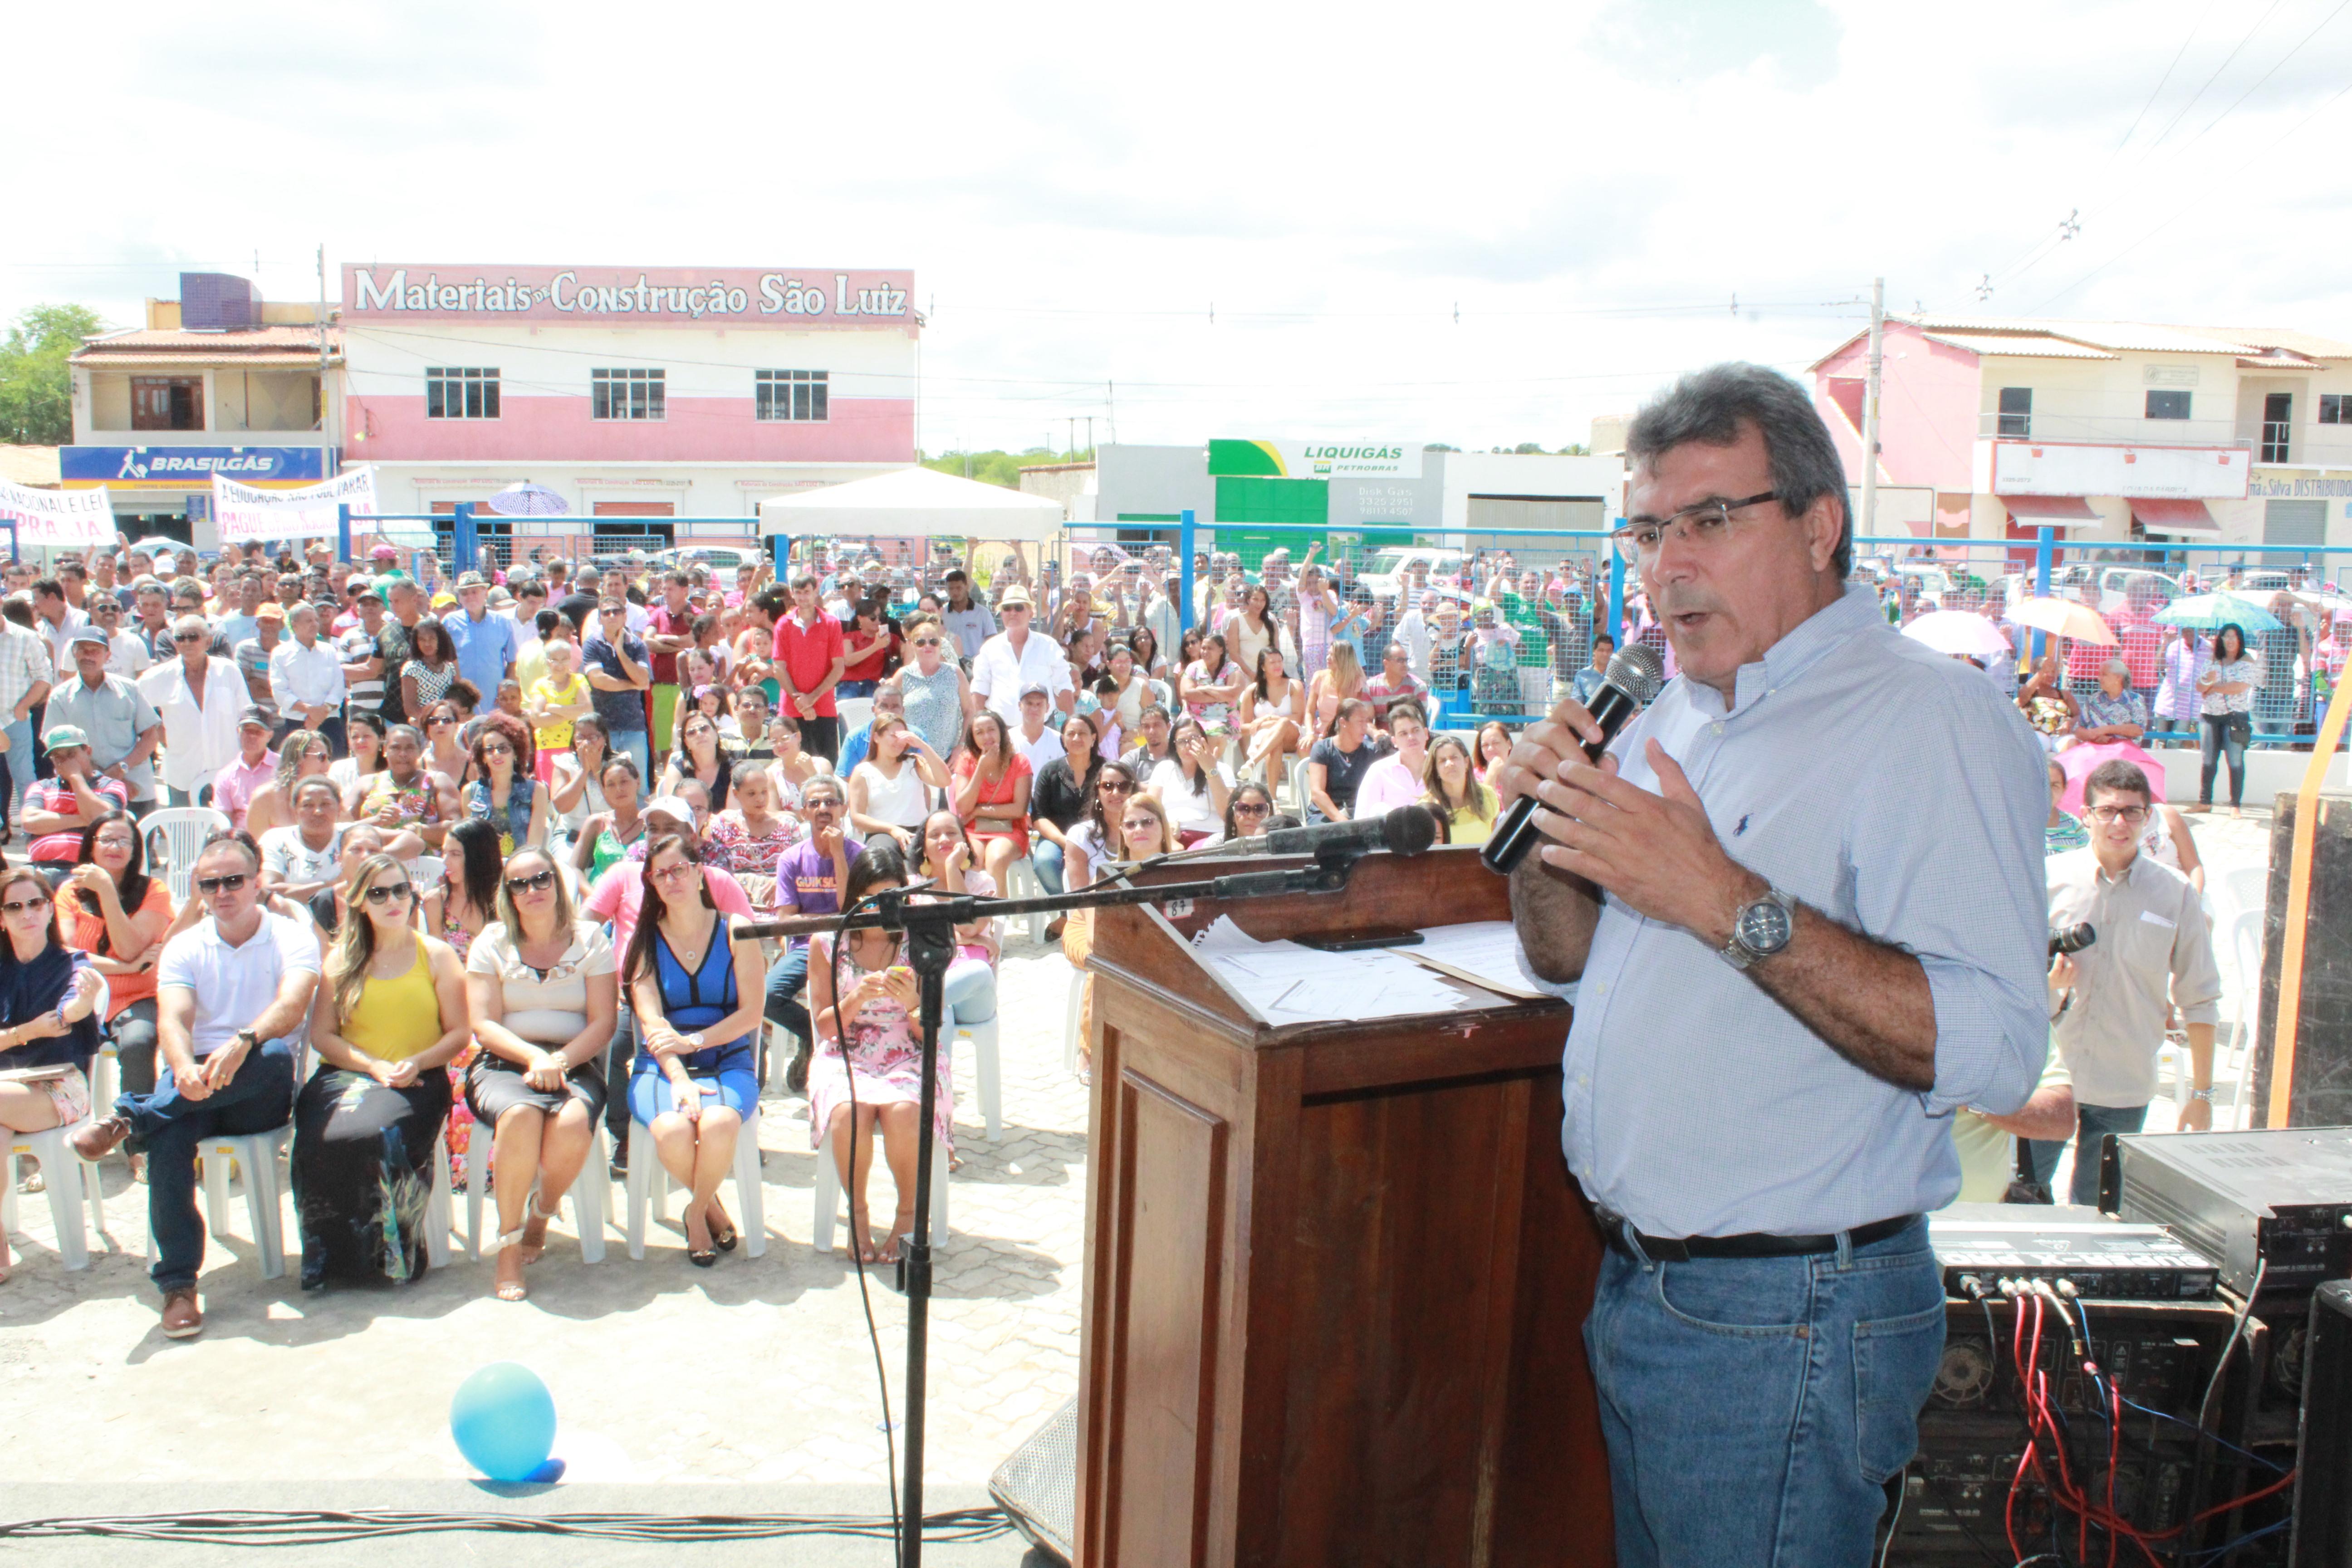 Prefeito Adelson Sousa, ex-prefeito Zé Ronaldo, deputado Artur Maia e presidente da Câmara de Salvador - Léo Prates participaram da inauguração da agência do INSS em Iaçu